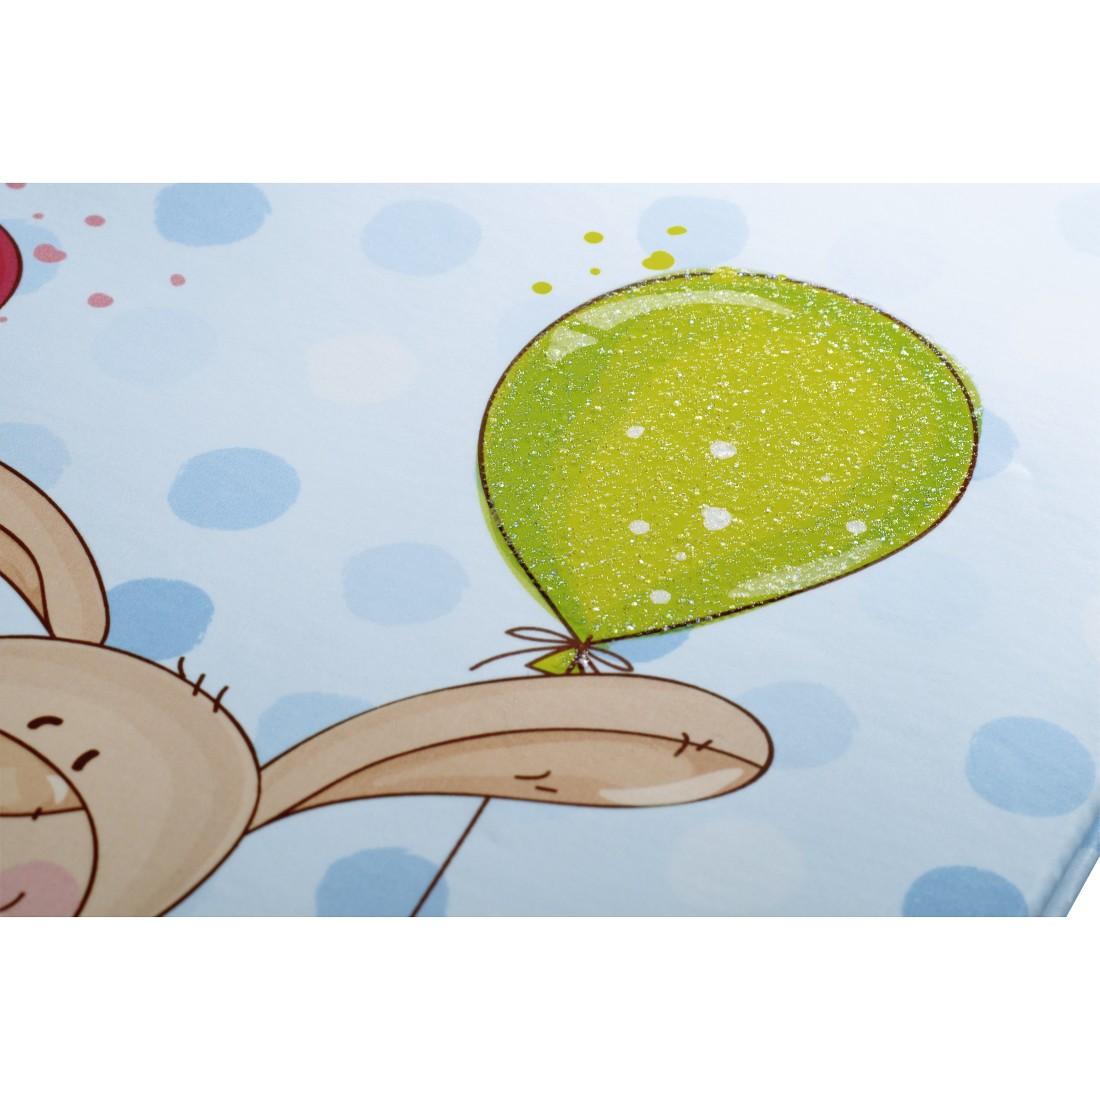 Baby-Tagebuch Kleiner Hase 20x28 cm pink